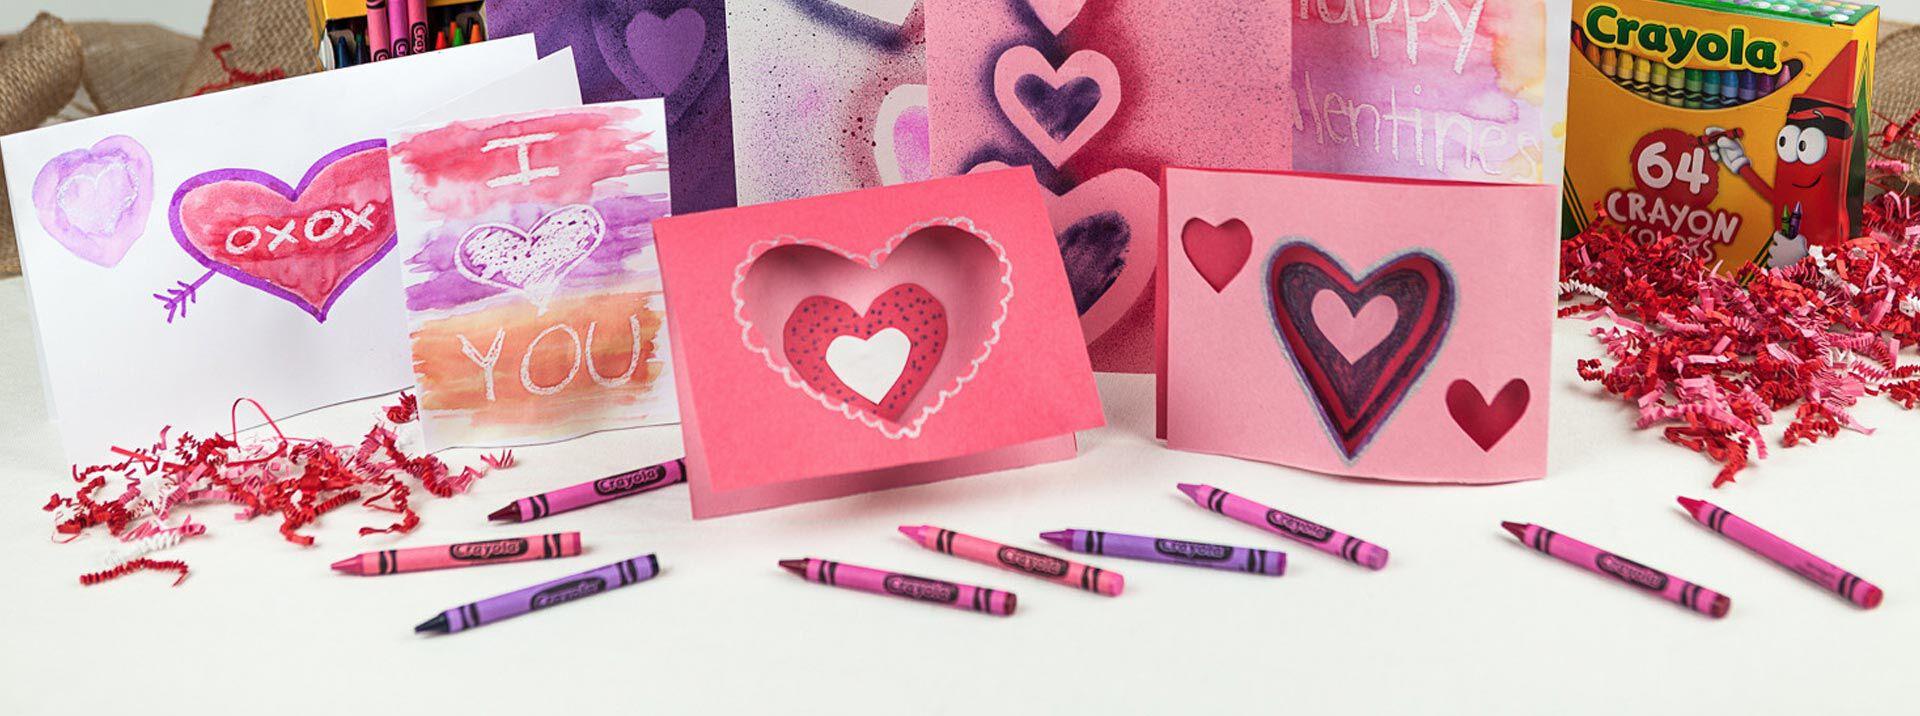 Valentine's Day Card & Craft Supplies